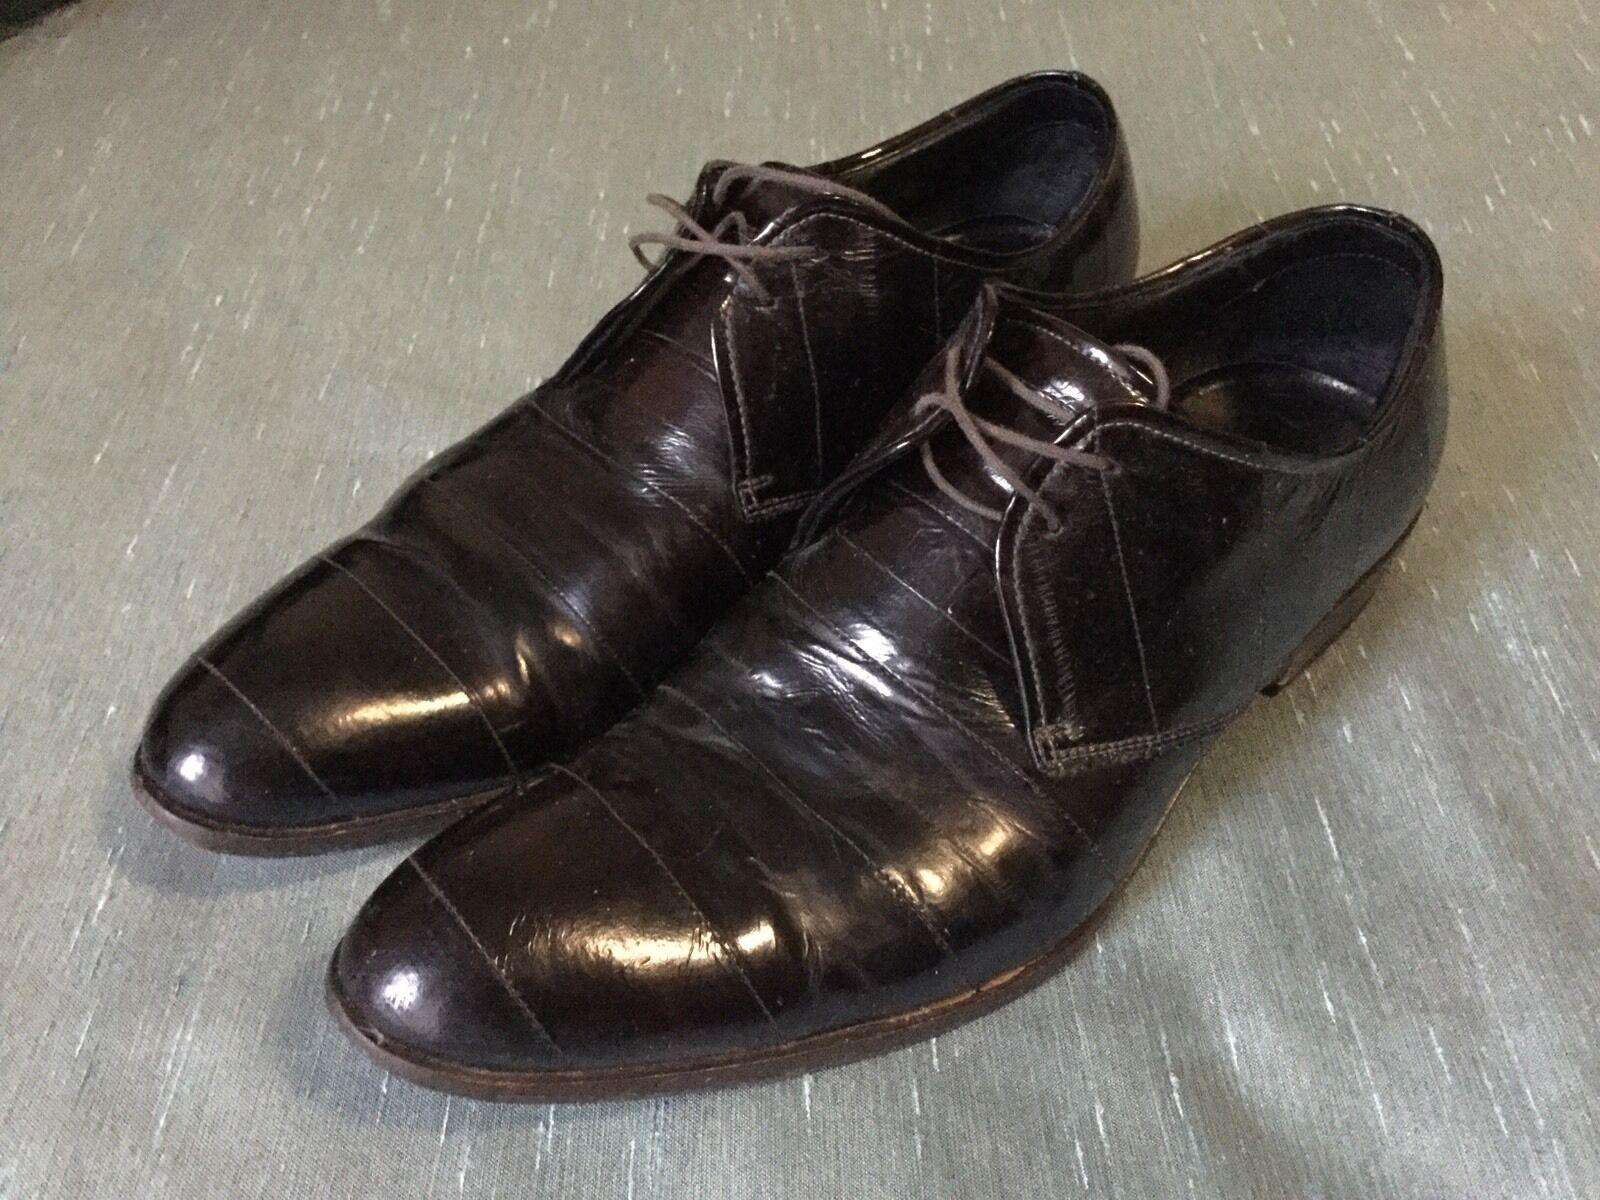 ecco l'ultimo Kenneth Cole Dot Dot Dot Com EI Dark Marrone Eelskin Leather Derby oxford italy 8.5  presentando tutte le ultime tendenze della moda